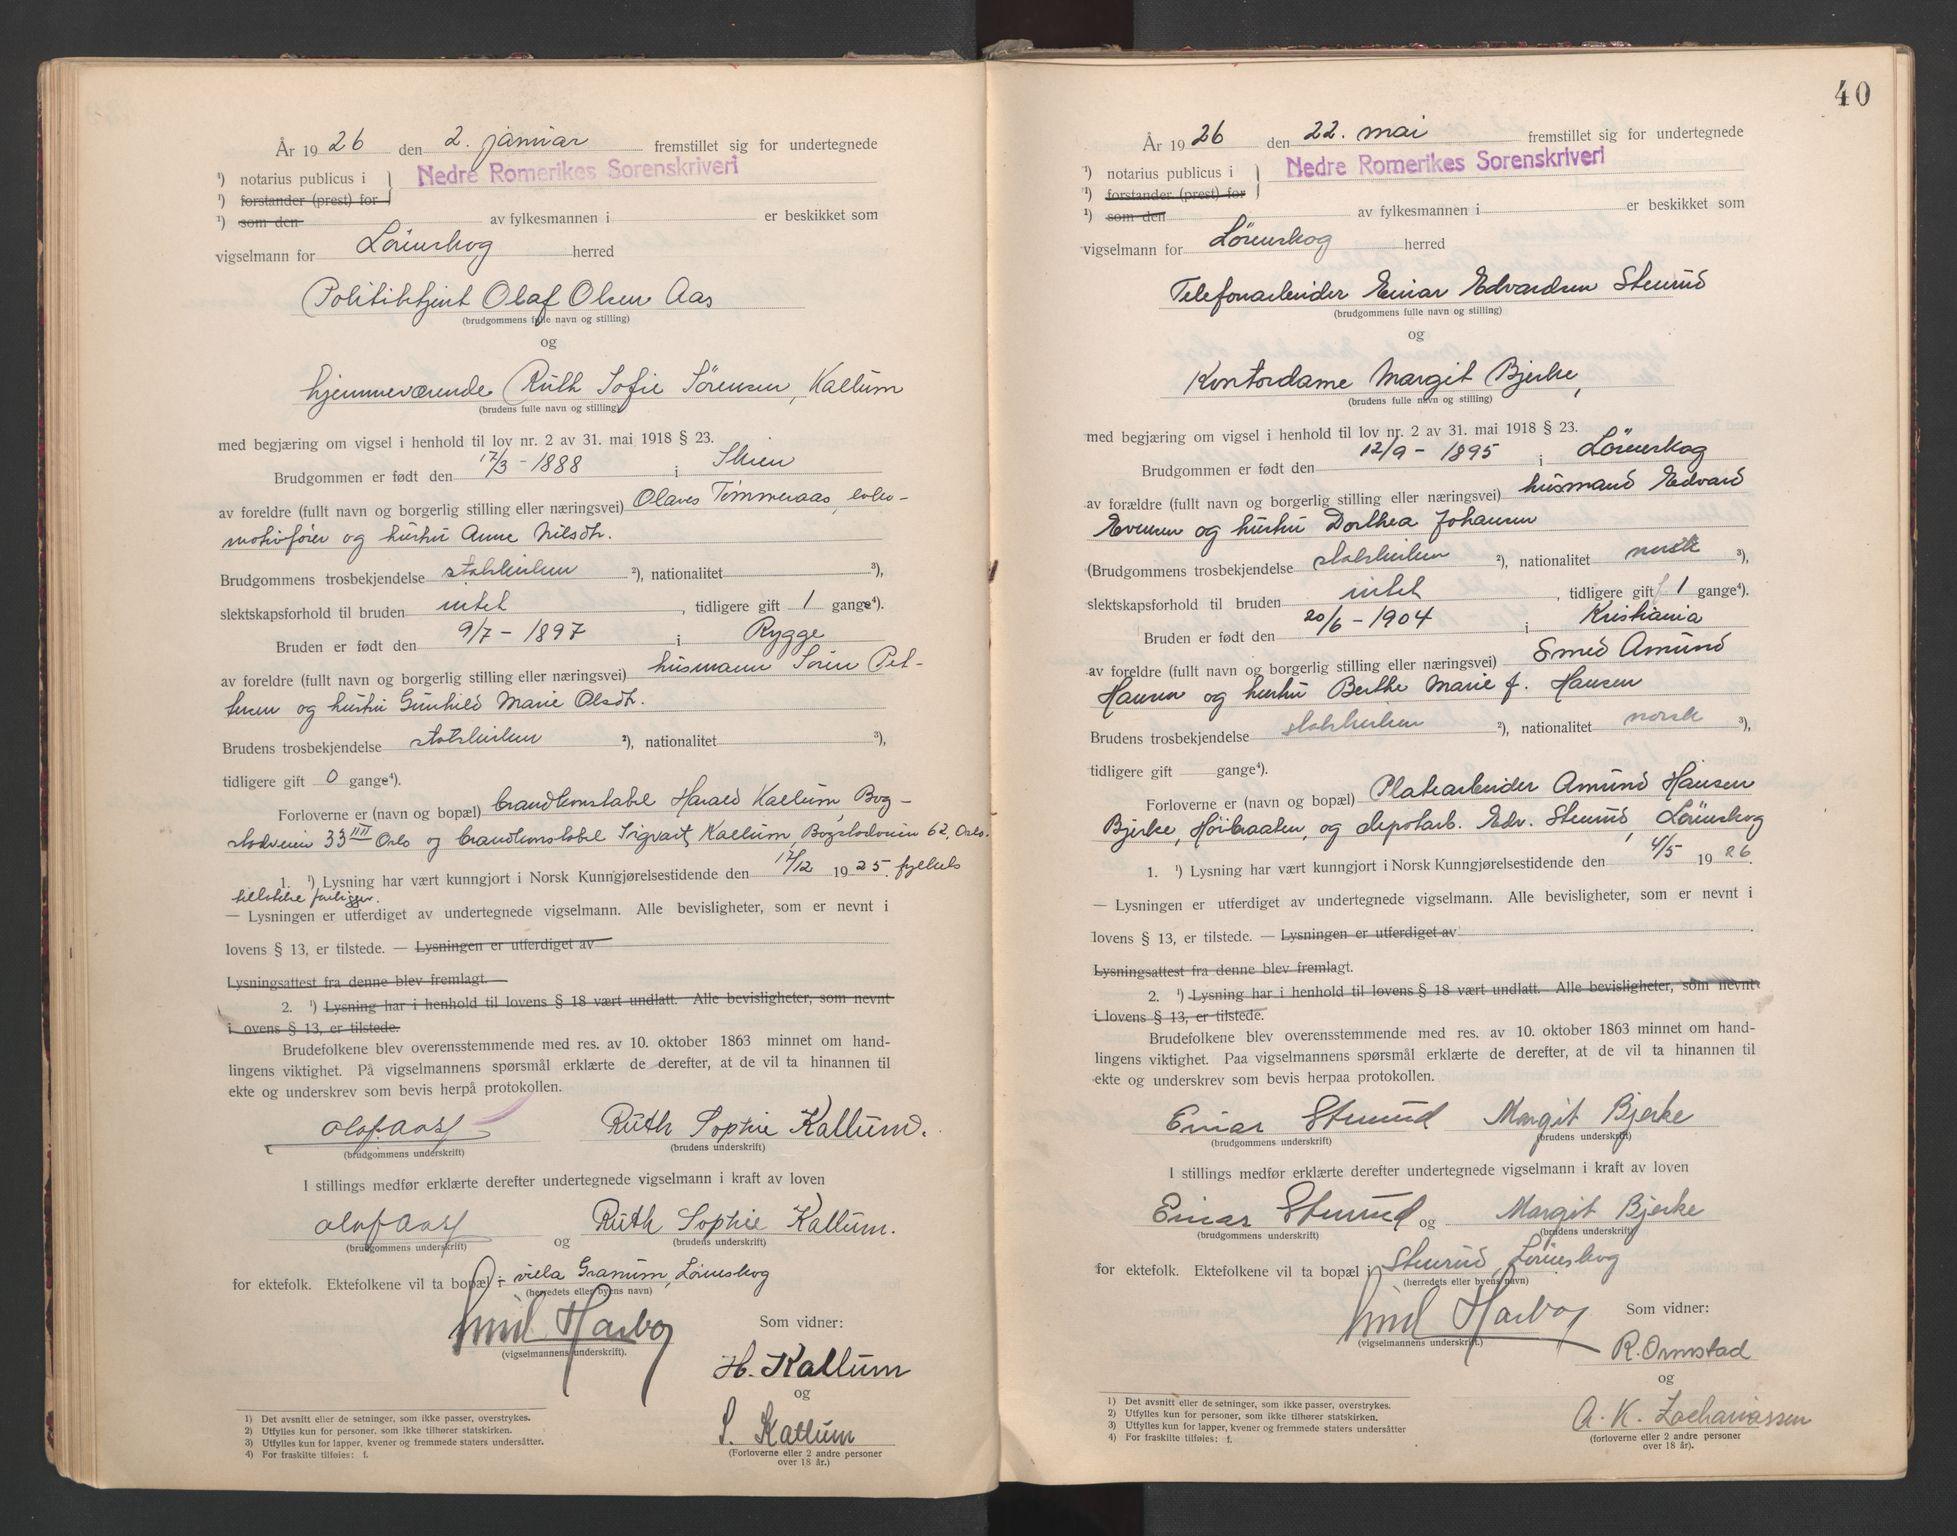 SAO, Nedre Romerike sorenskriveri, L/Lb/L0001: Vigselsbok - borgerlige vielser, 1920-1935, s. 40